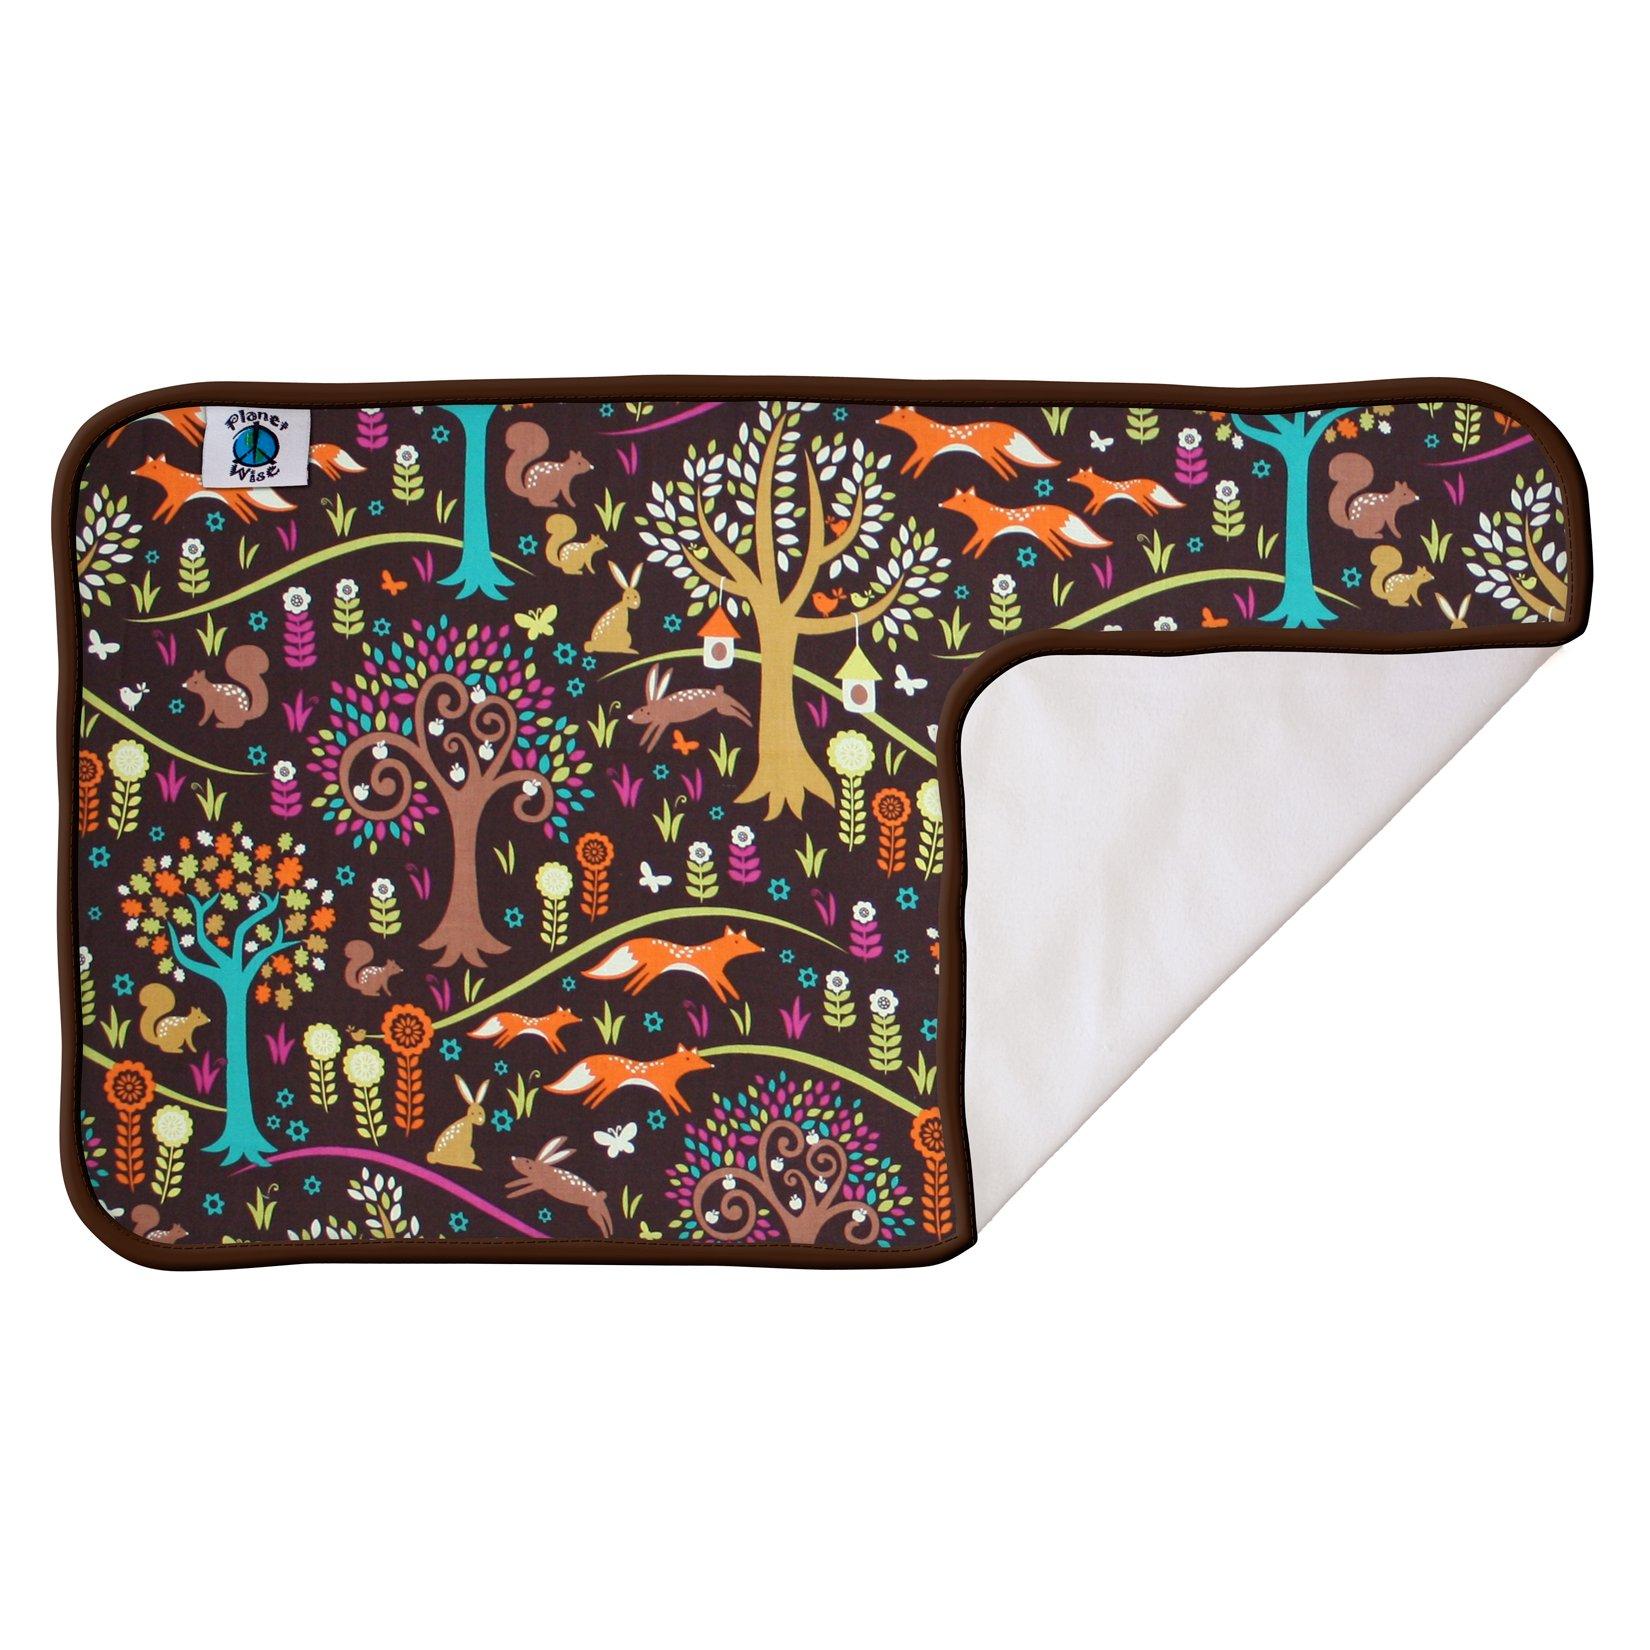 Planet Wise Designer Waterproof Pad, Jewel Woods